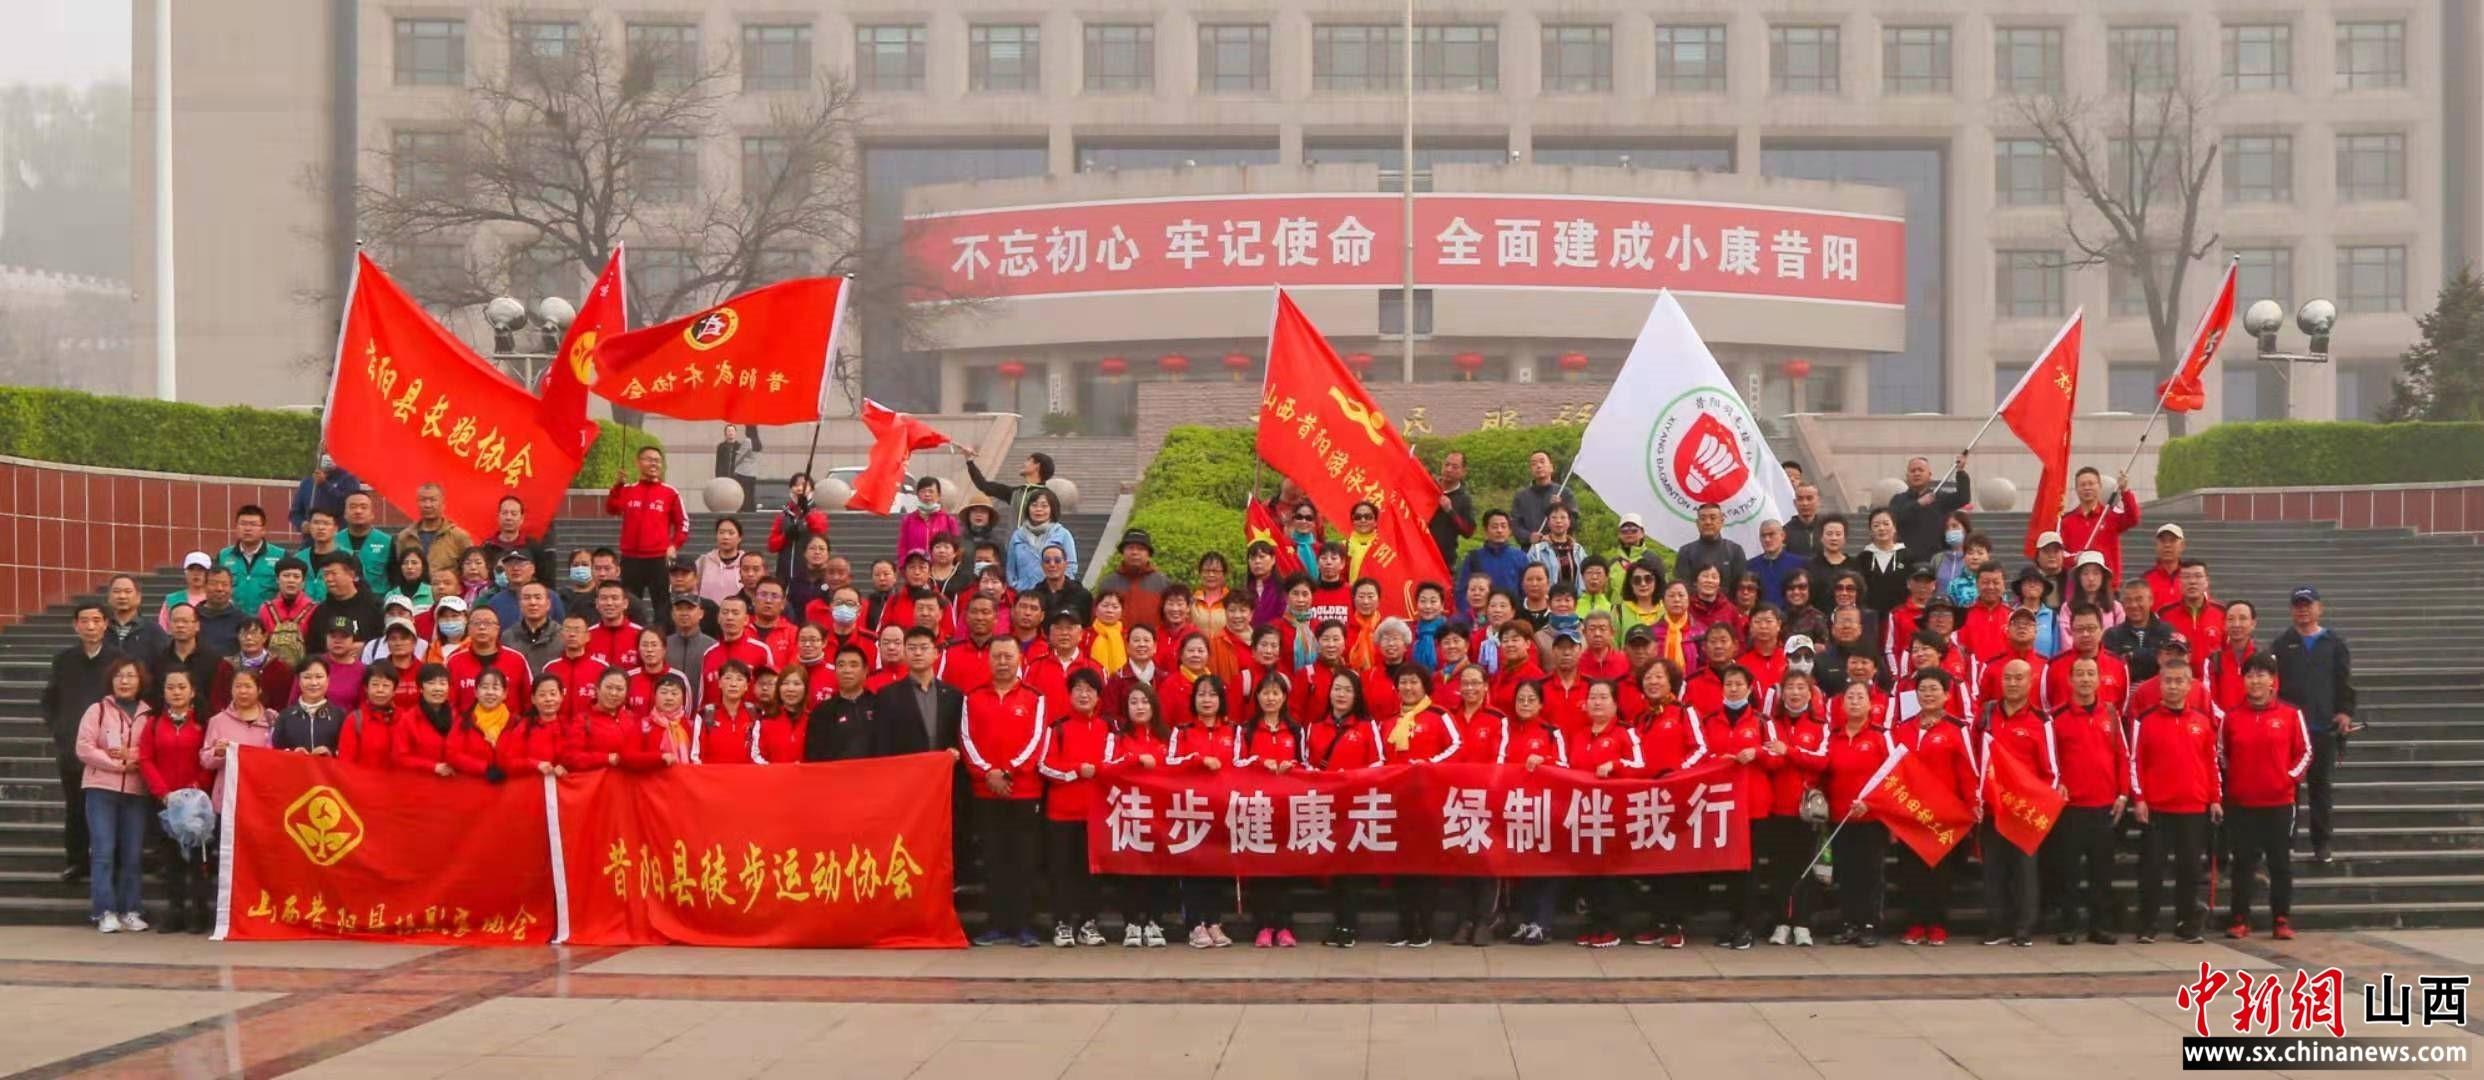 昔阳县徒步协会携手山西绿制农业发展有限公司举办主题党日活动